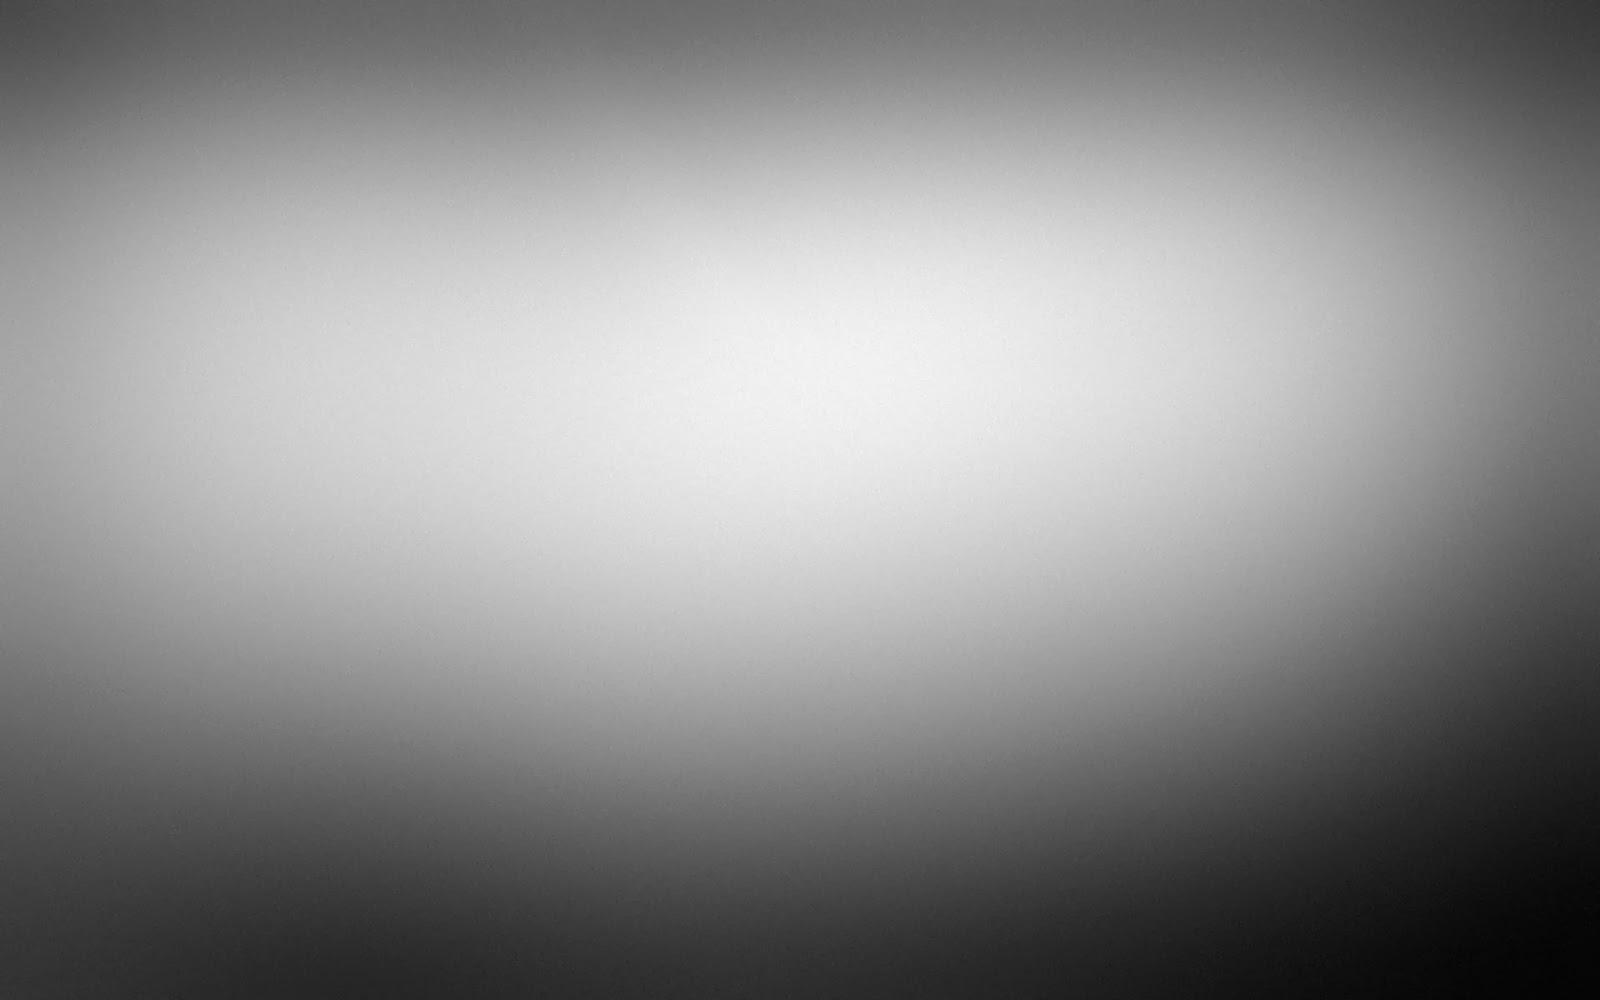 Fondo de pantalla abstracto color blanco y gris imagenes for Fondo de pantalla gris